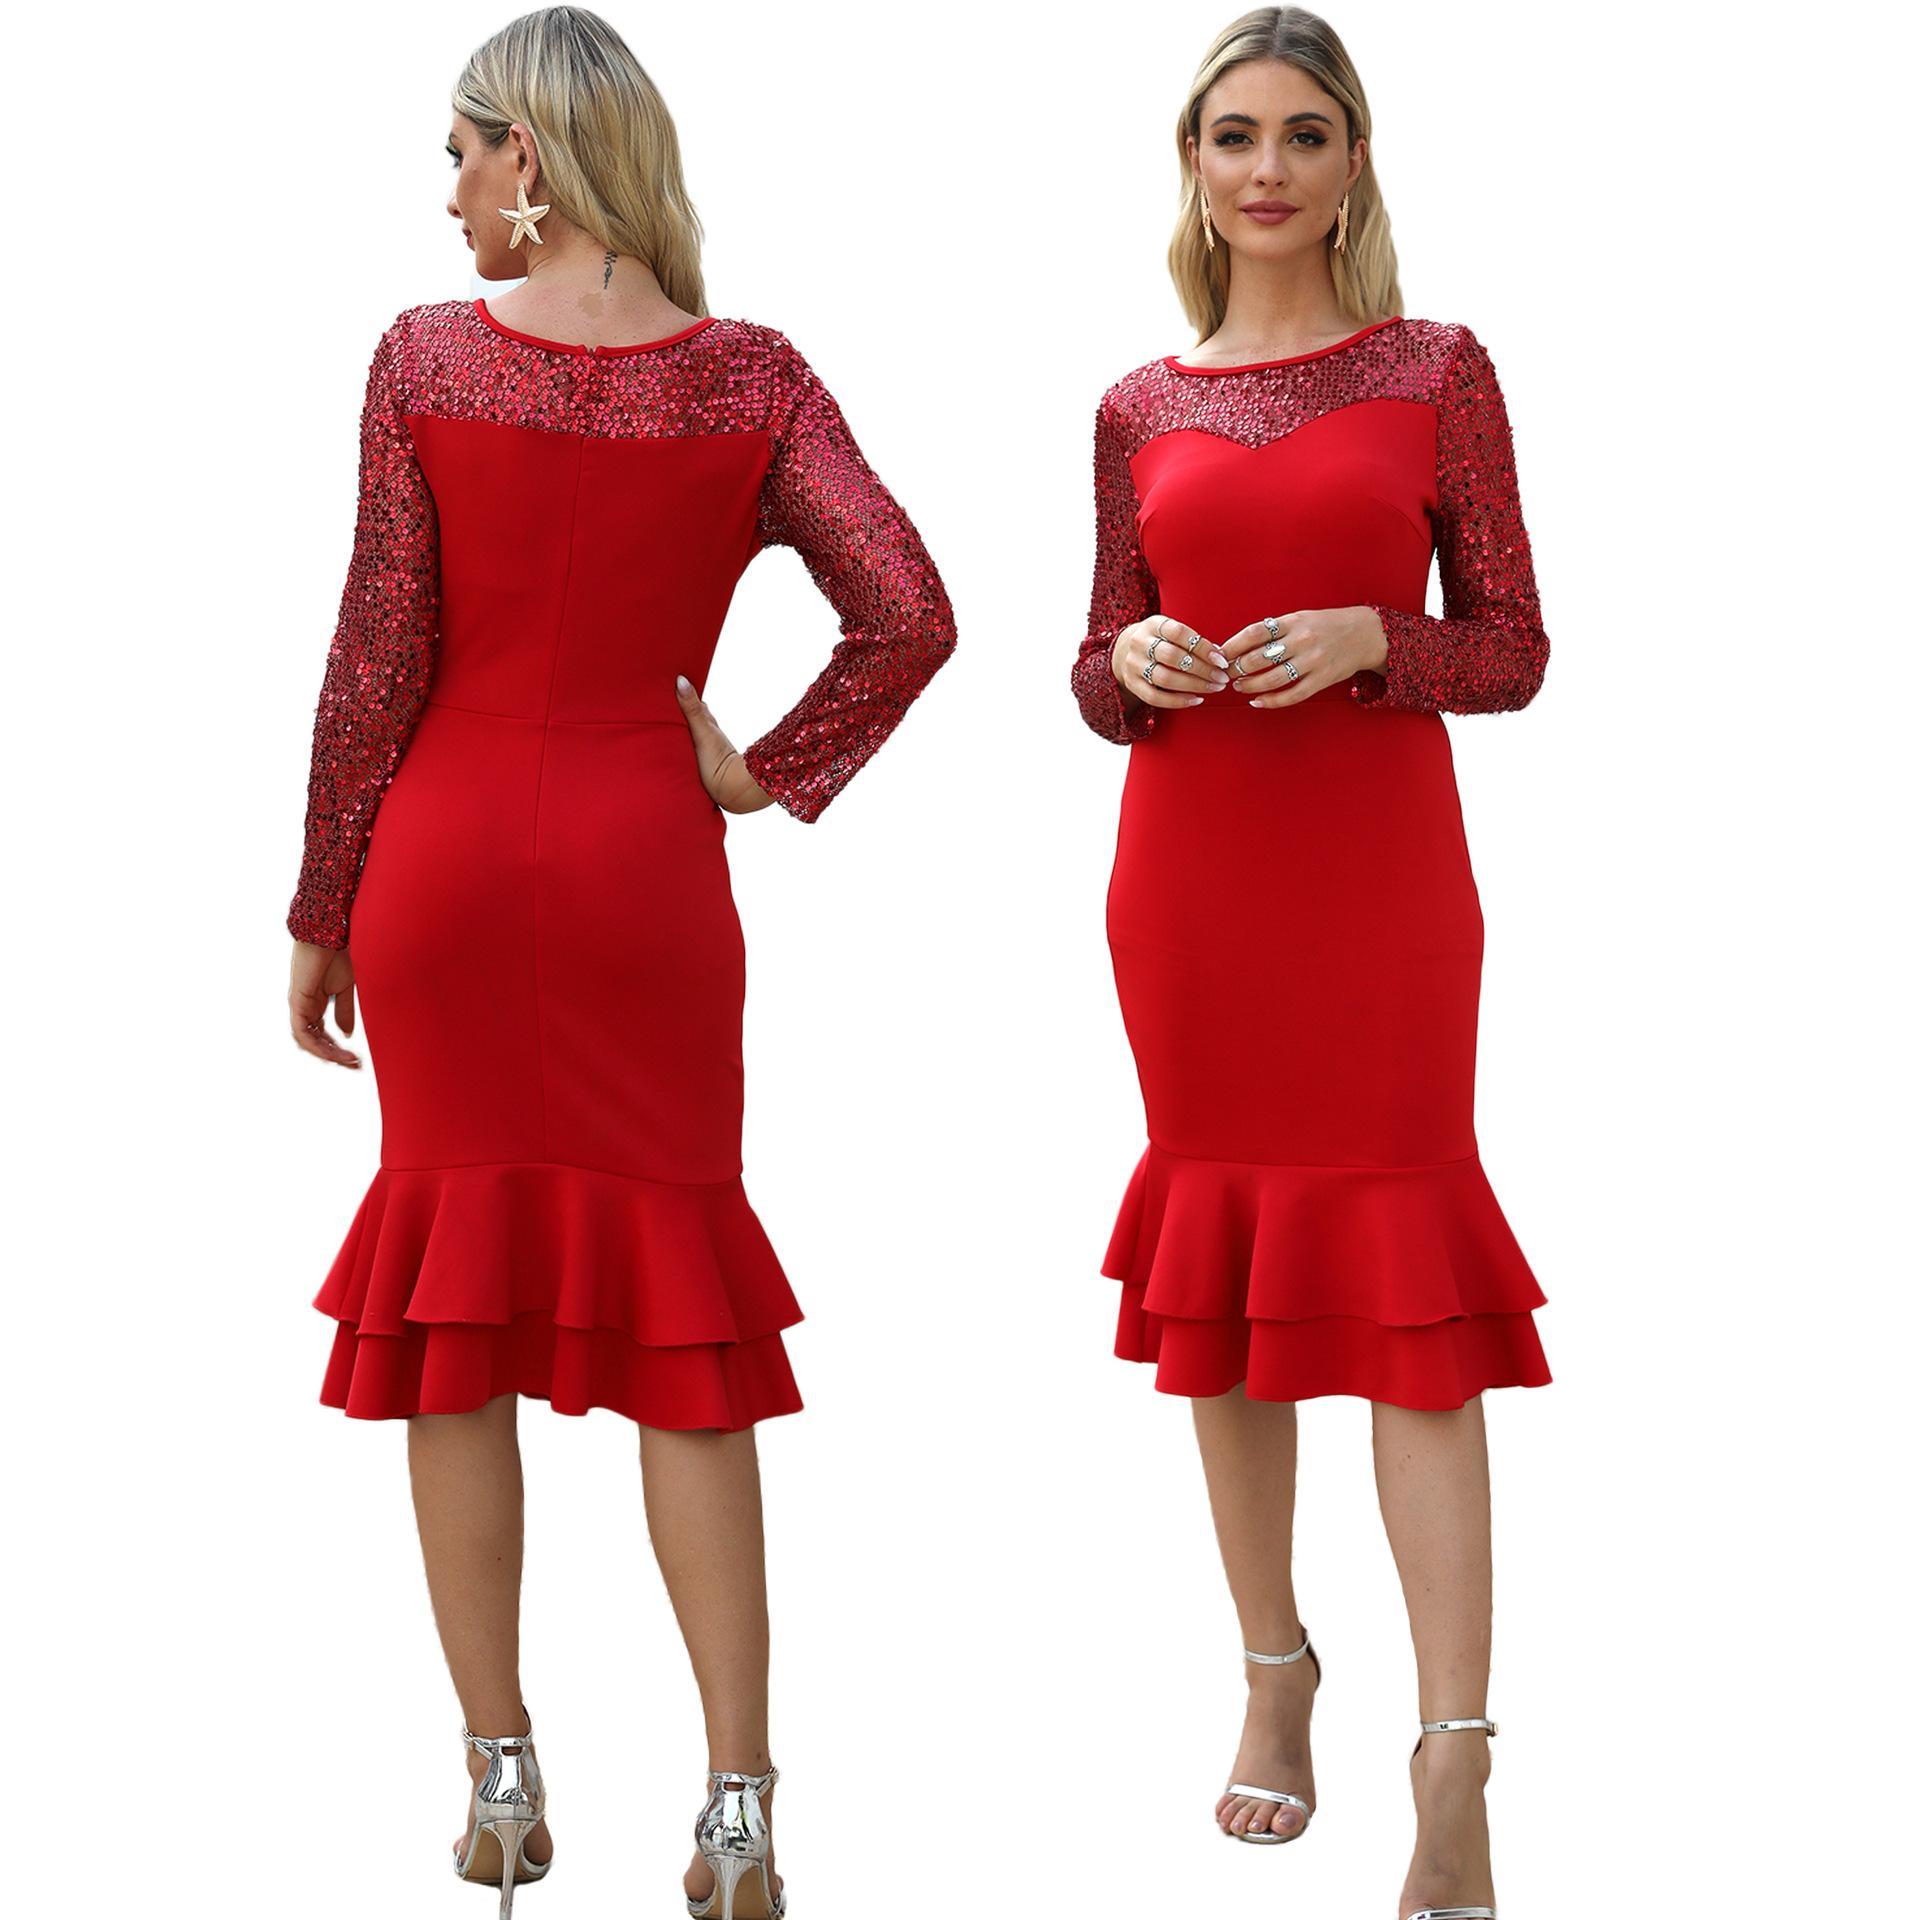 Designer-Frauen-Kleidung Patchwork Pailletten-Kleid-elegante rot Rüschen Pailletten Meerjungfrauenkleid eleganter O Ansatz Feiern Partei Vetidos